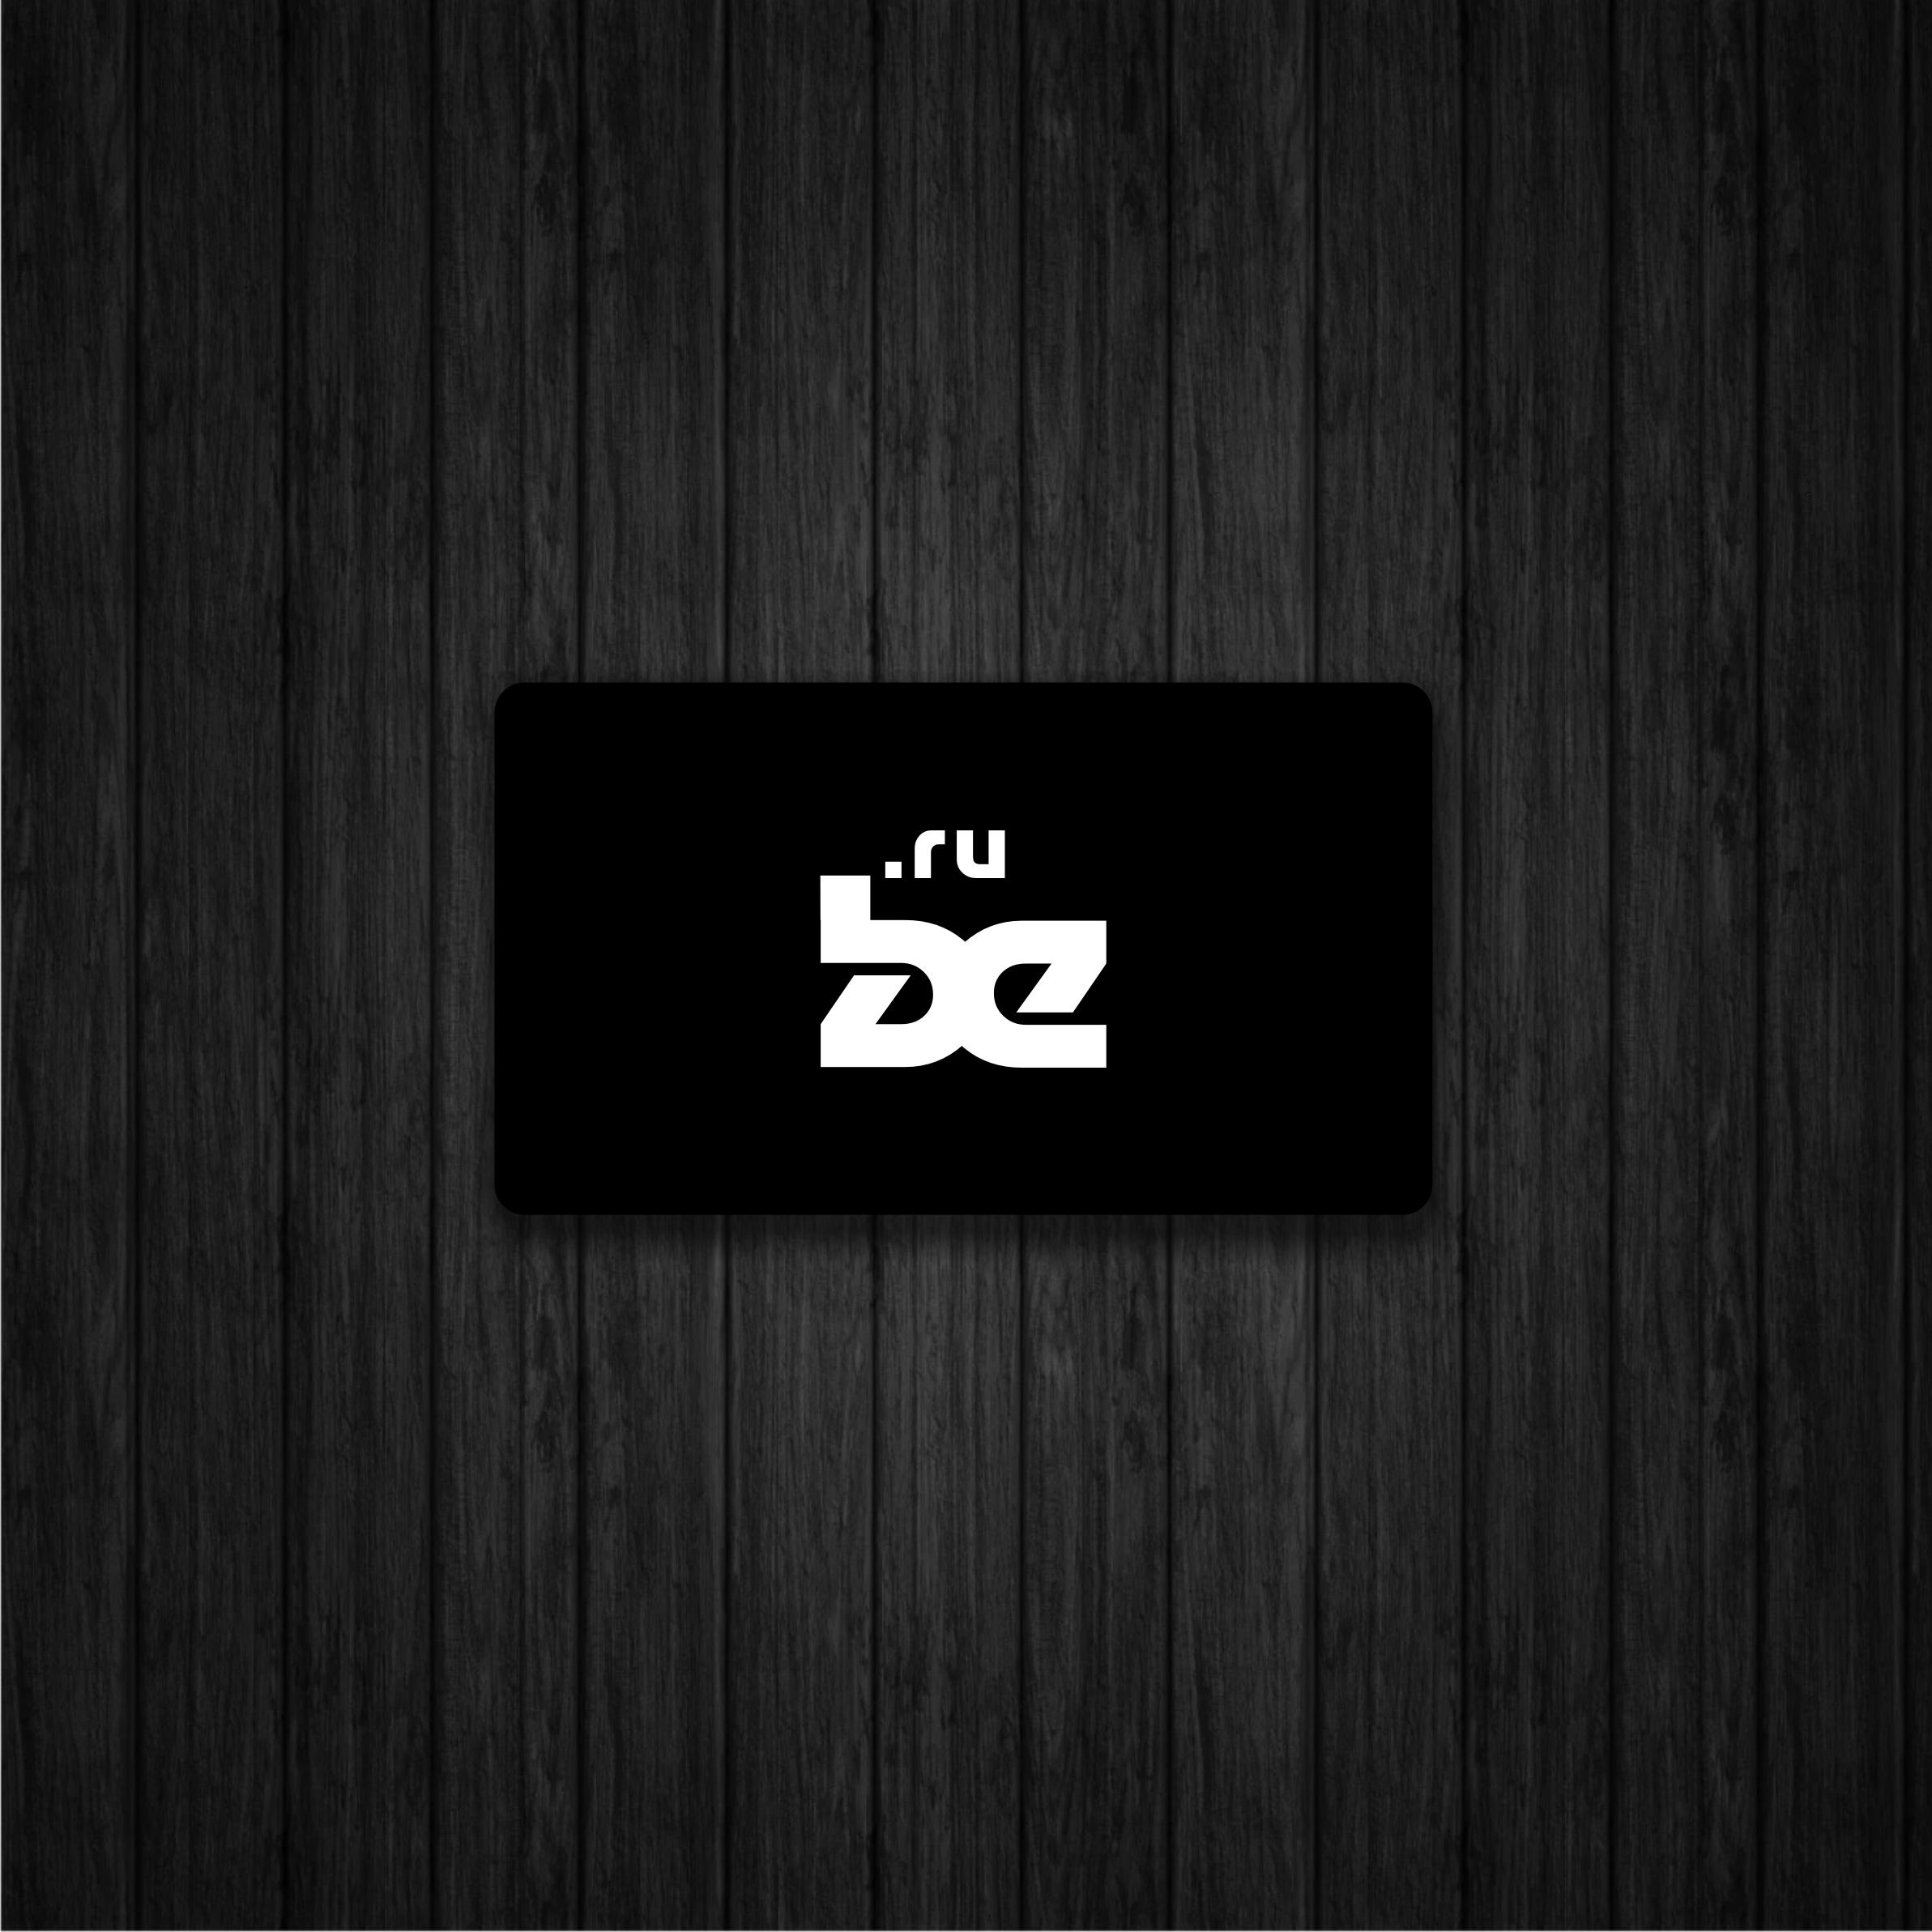 Нарисовать логотип для группы компаний  фото f_4035cdb9dee93258.jpg